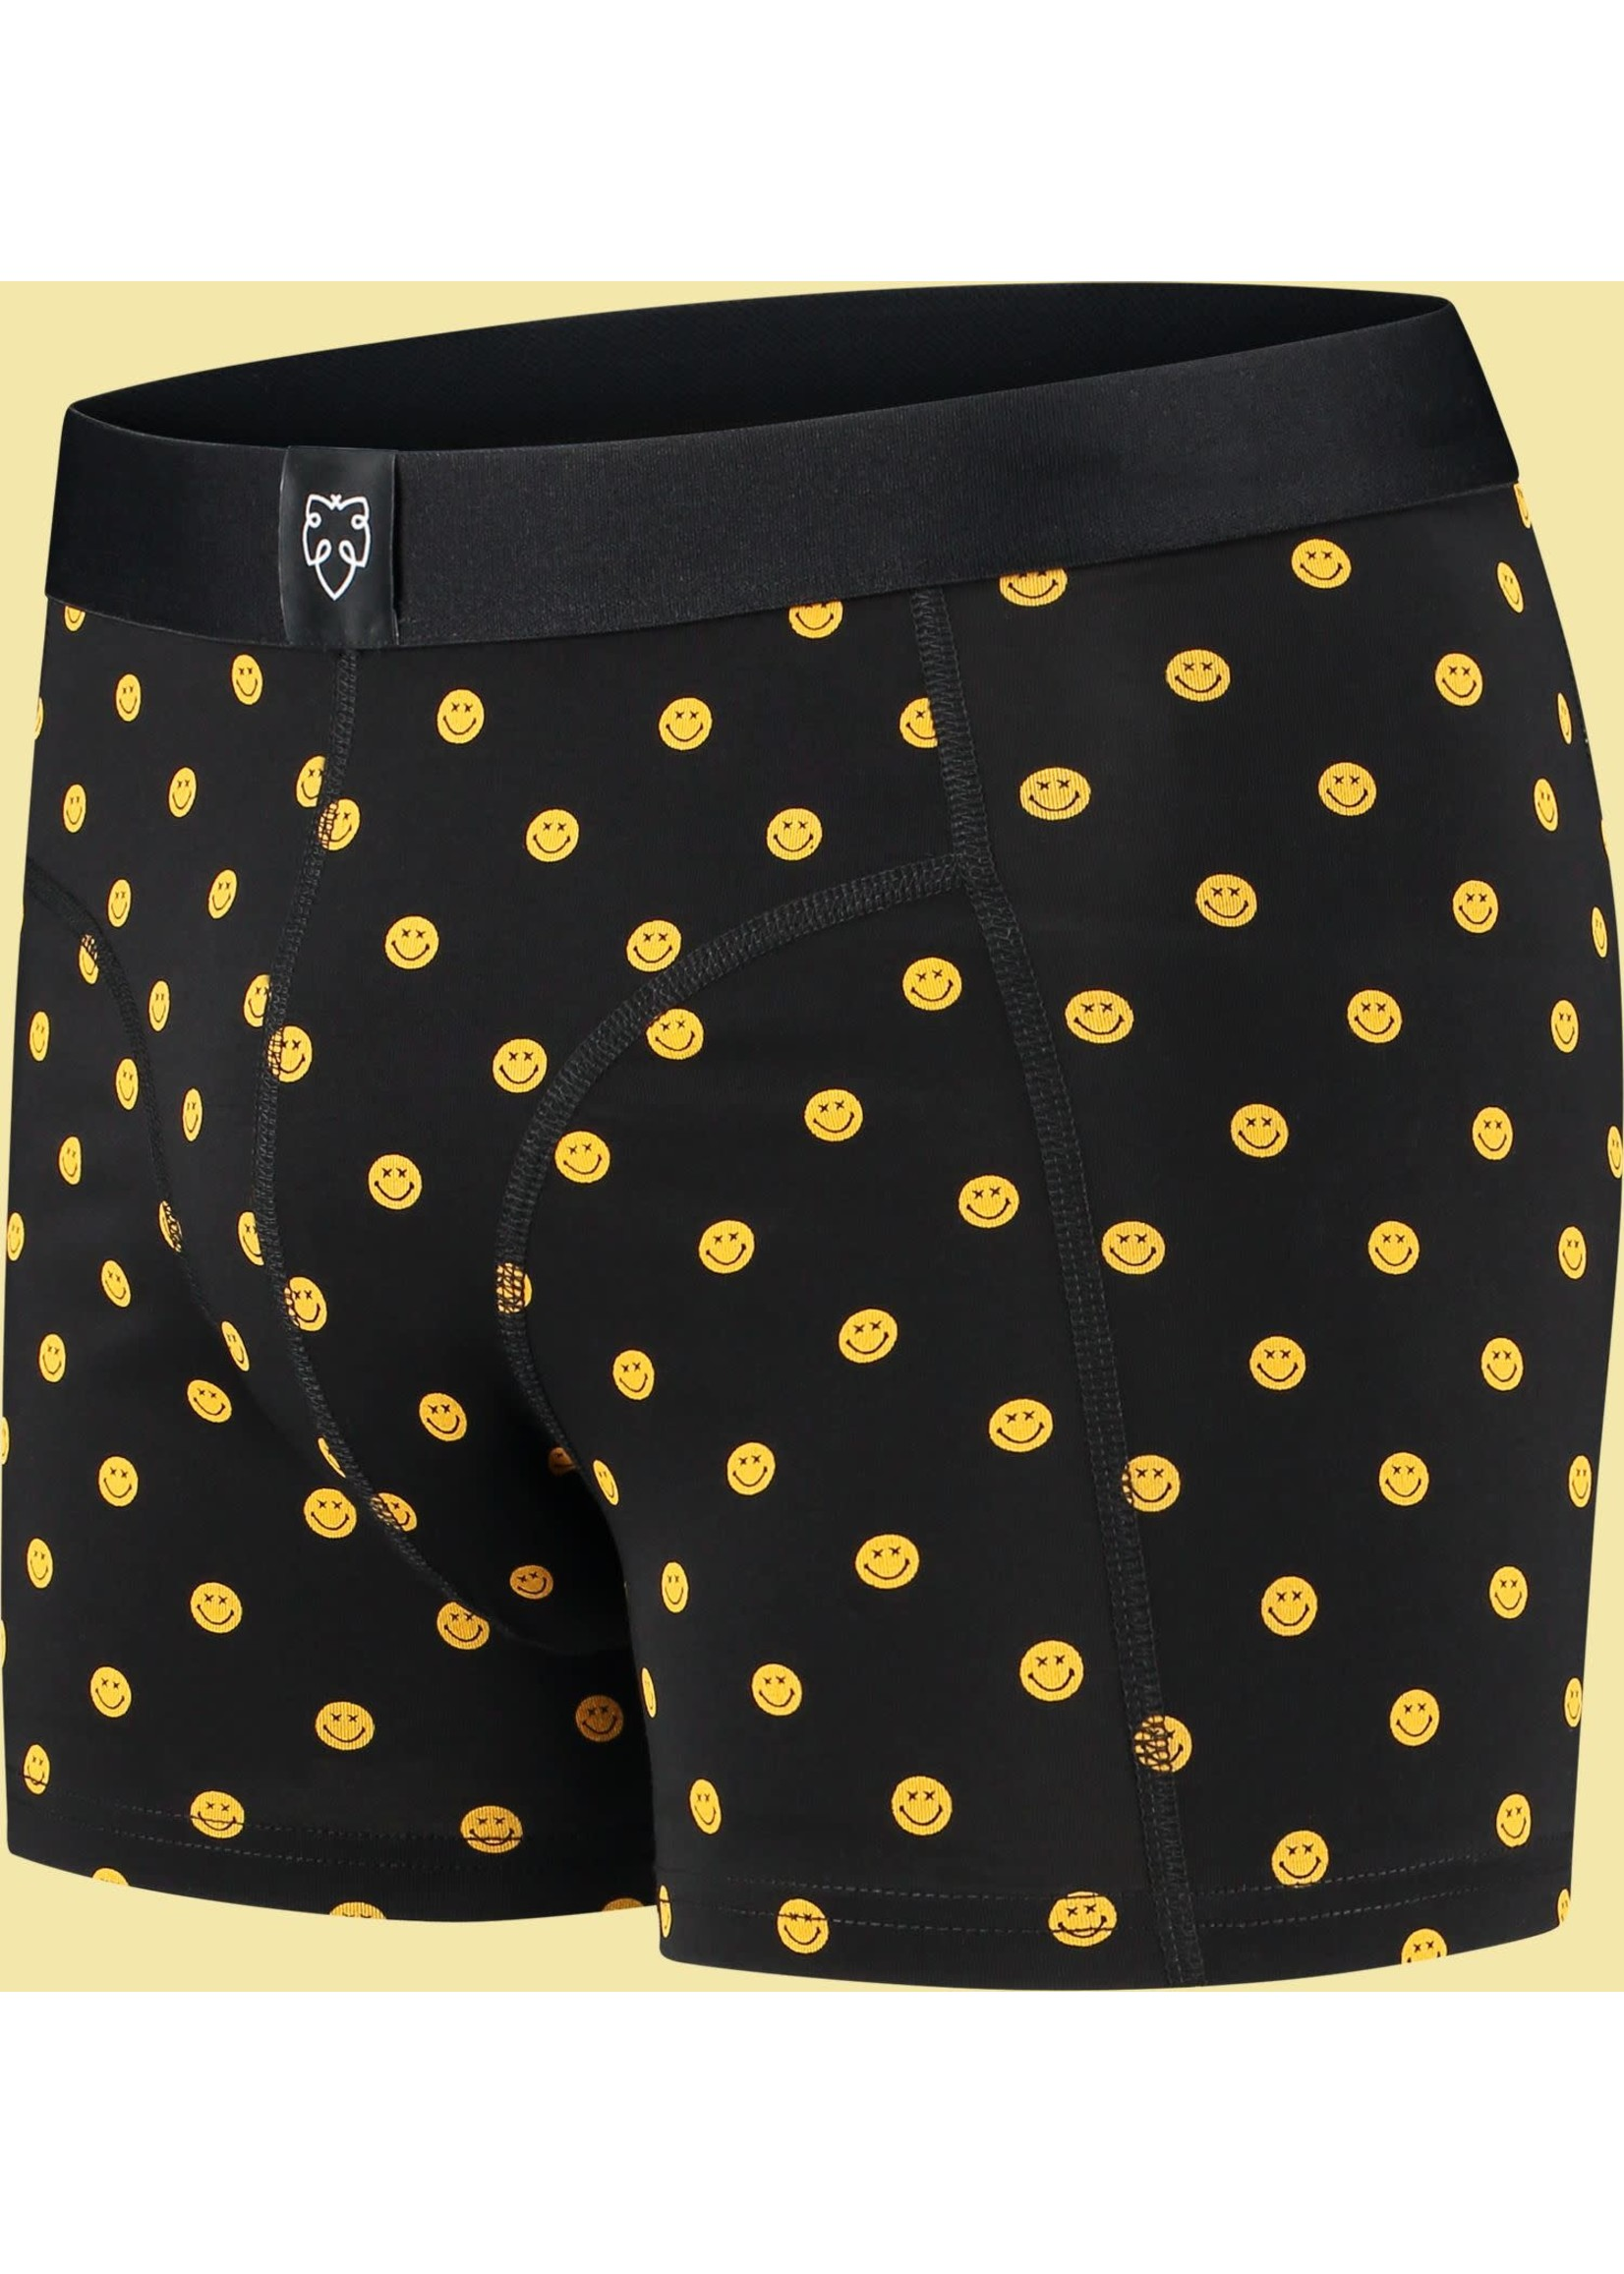 A-dam Underwear boxer Ursel